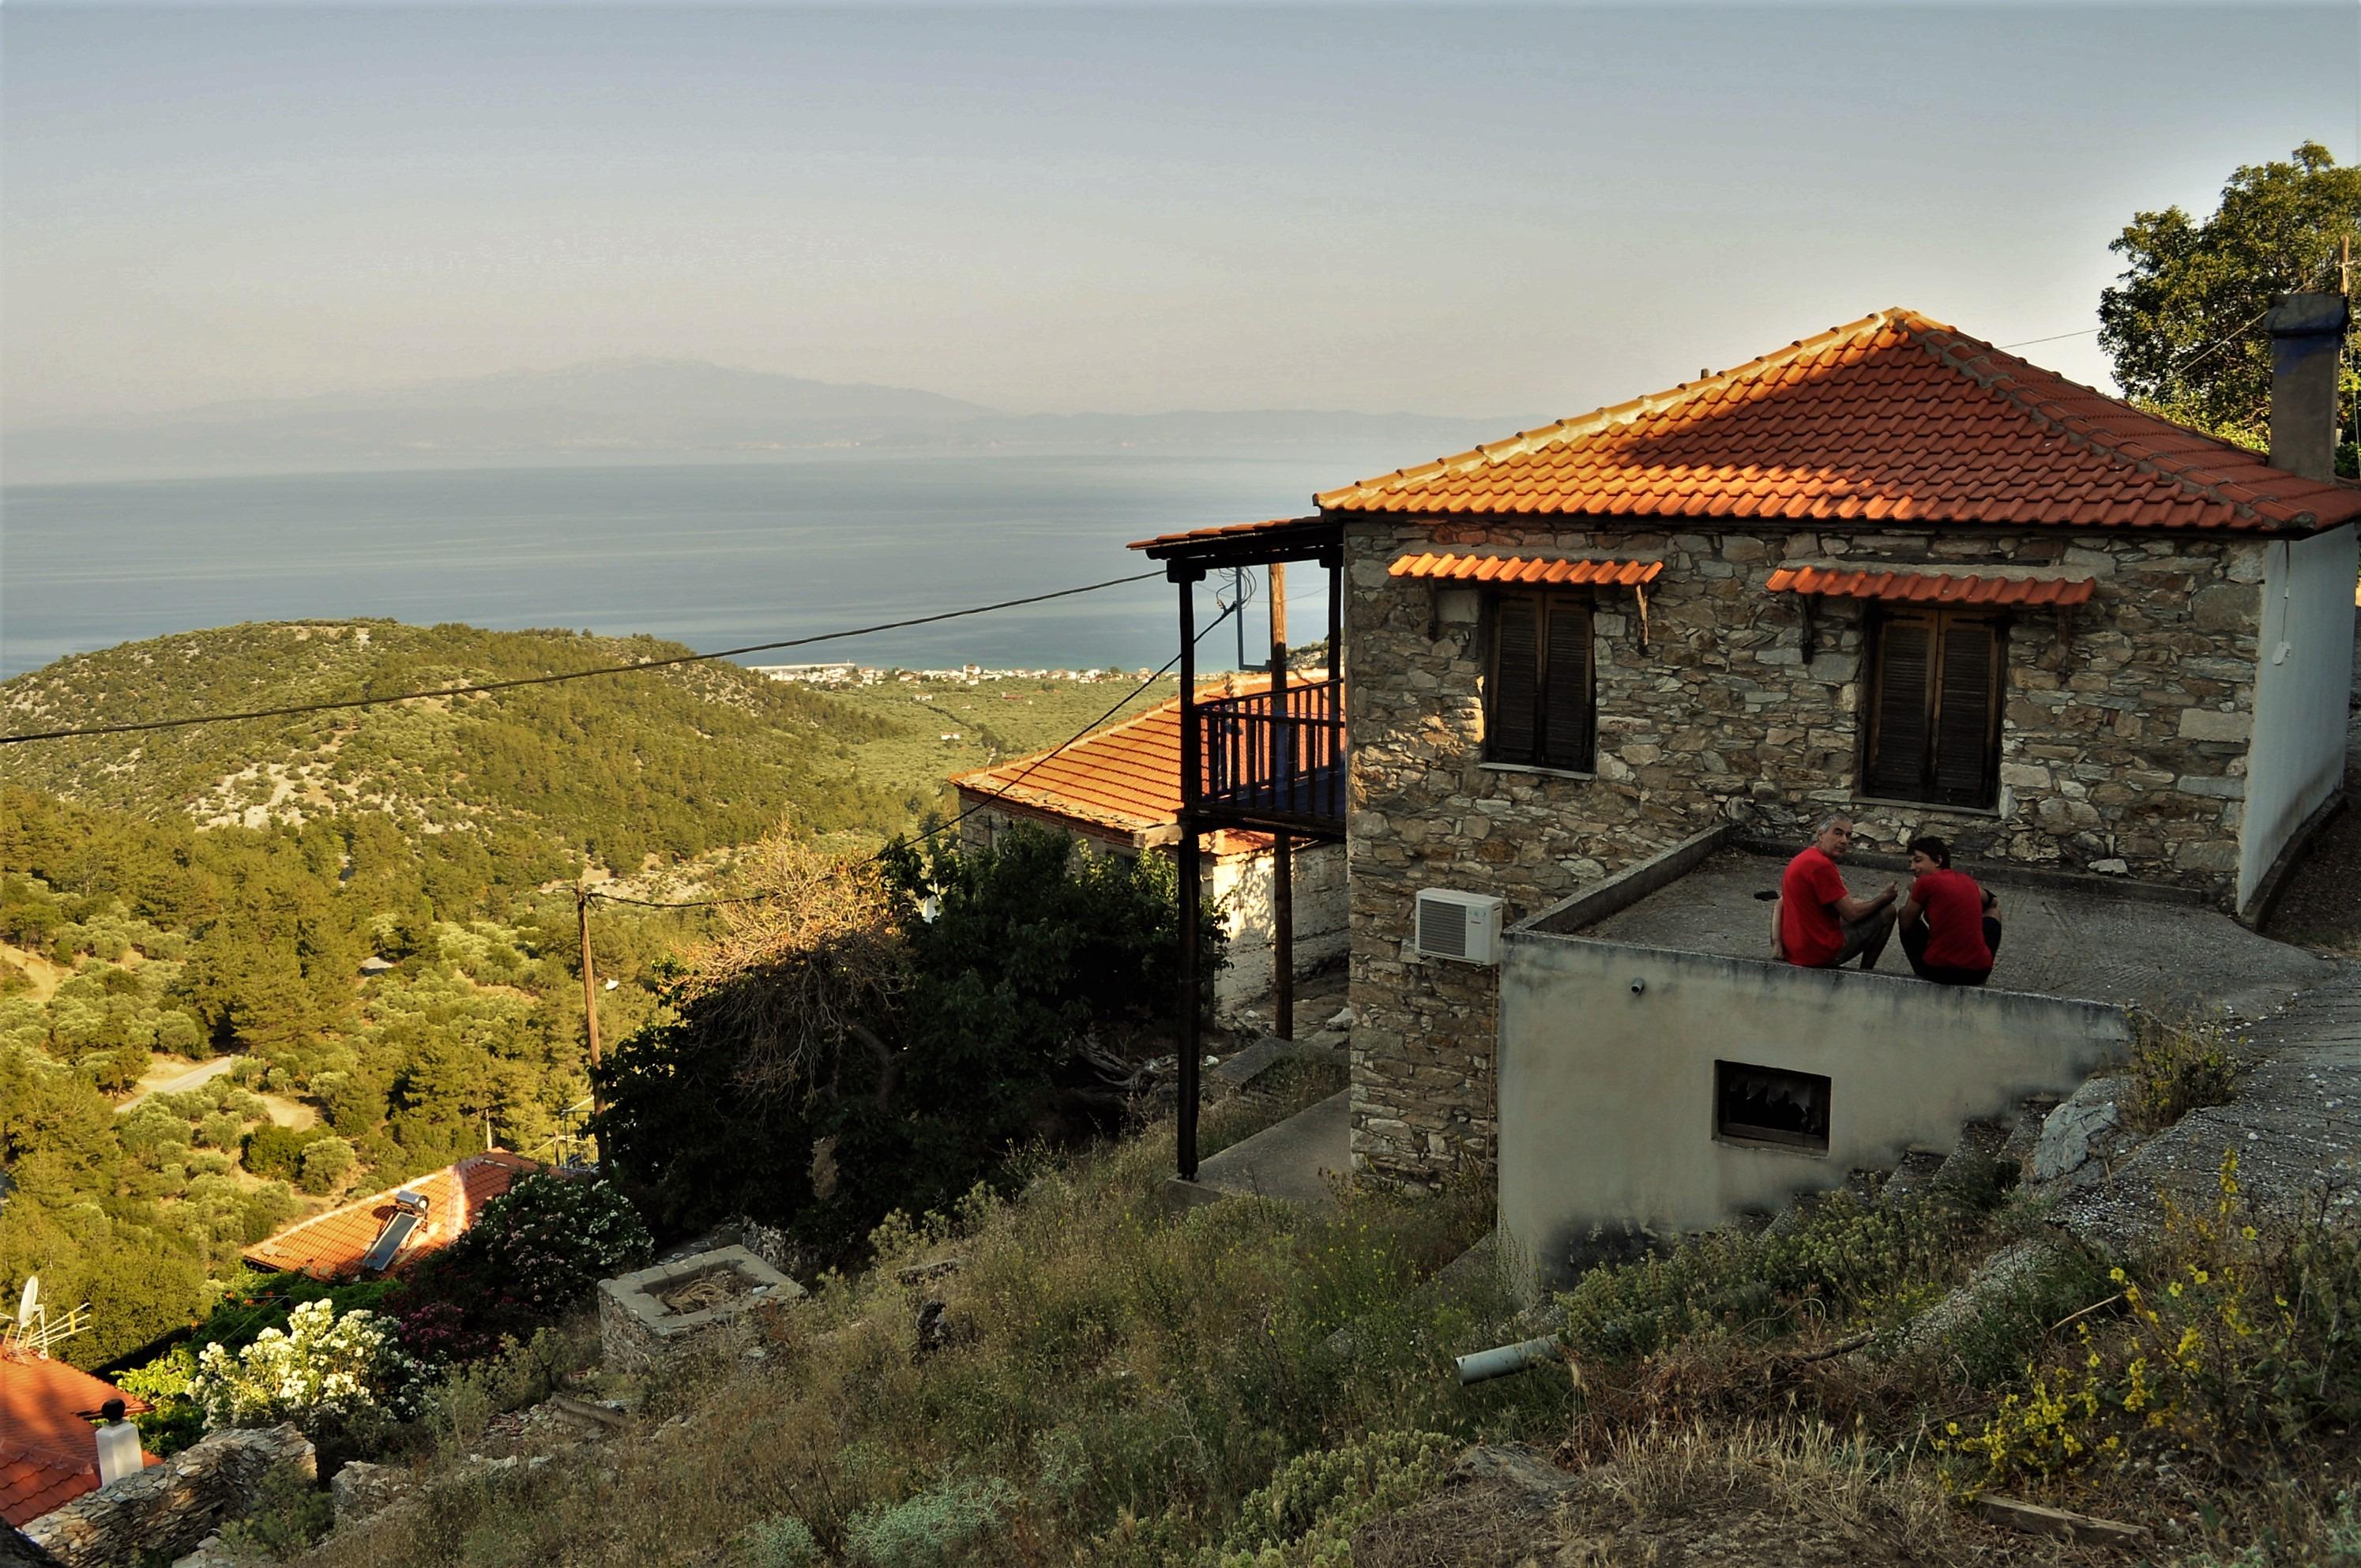 Днес повечето планински села си имат и пристанищна част, която се е превърнала в туристически курорт.